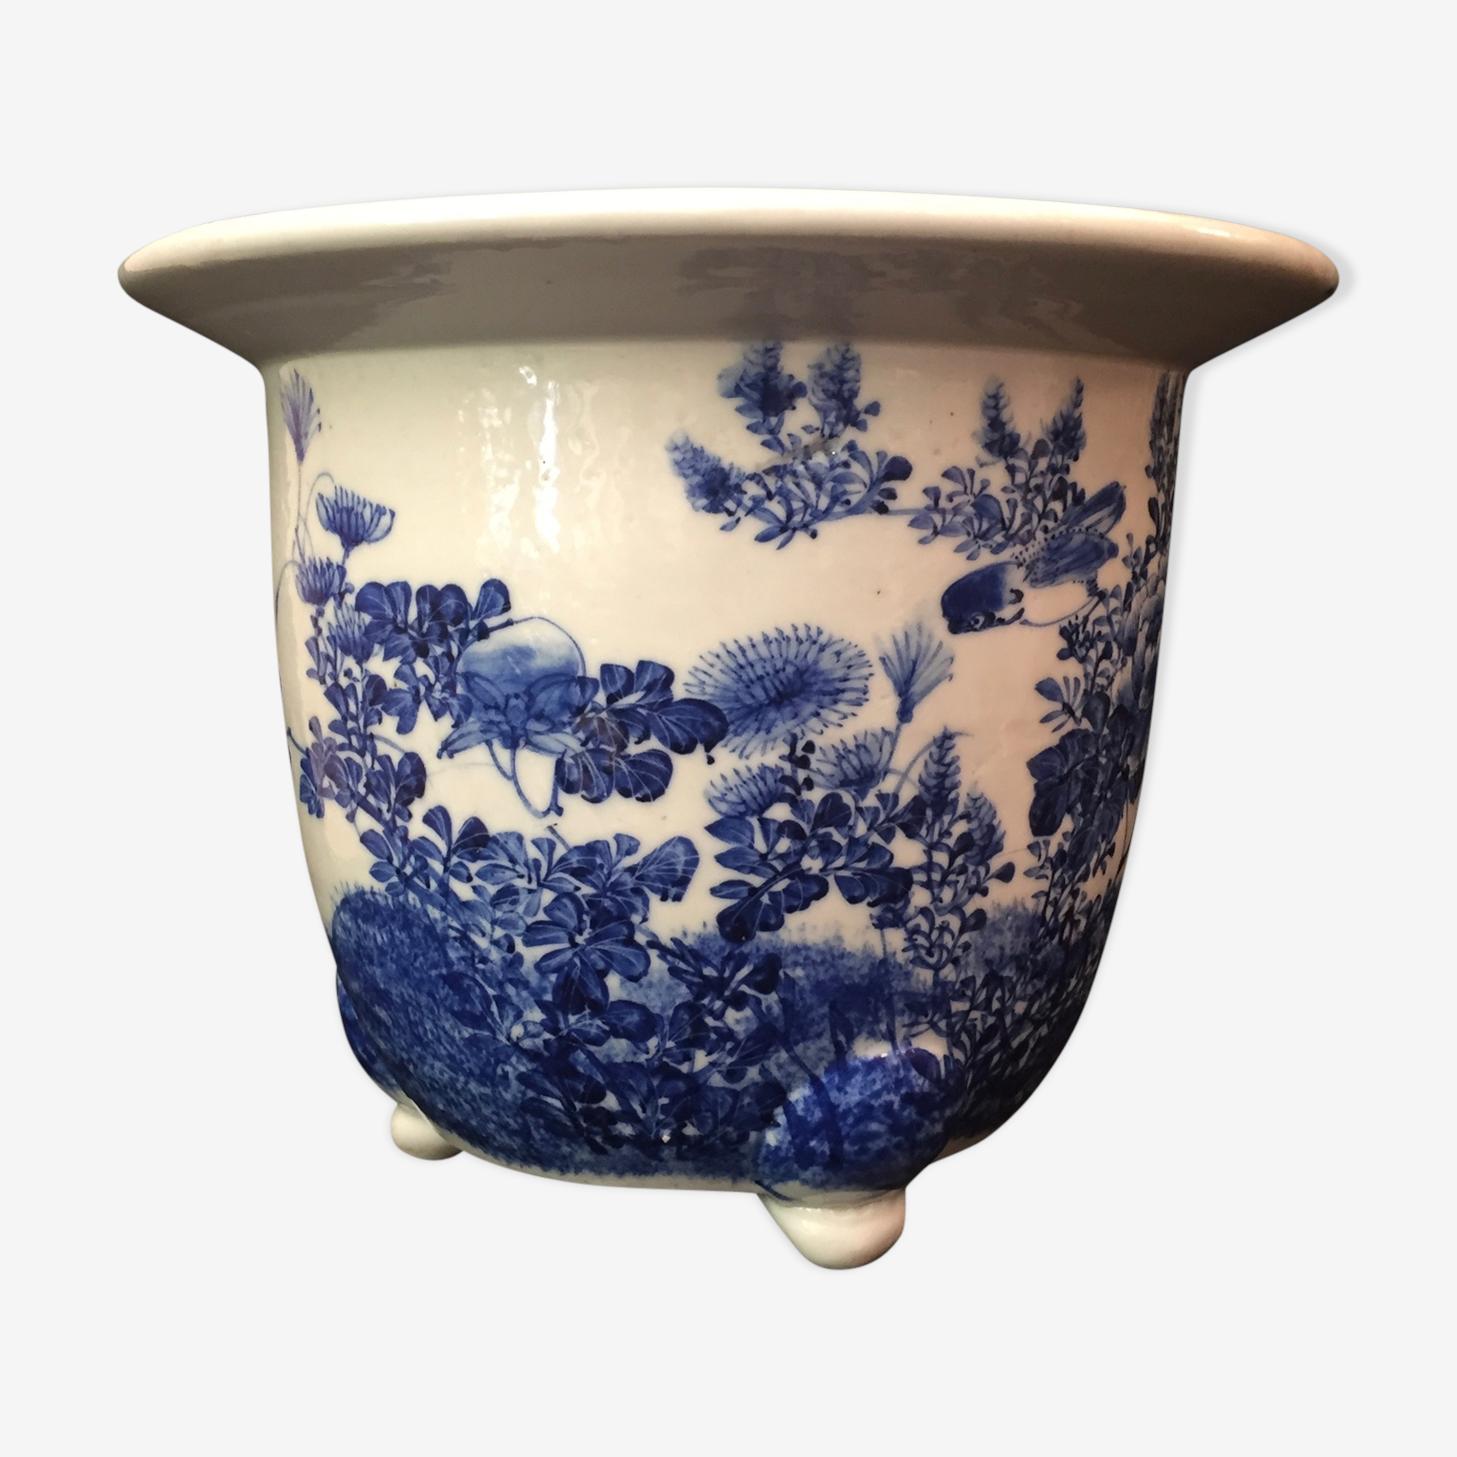 Jardinière  en céramique chinoise, Chine, début XXe siècle